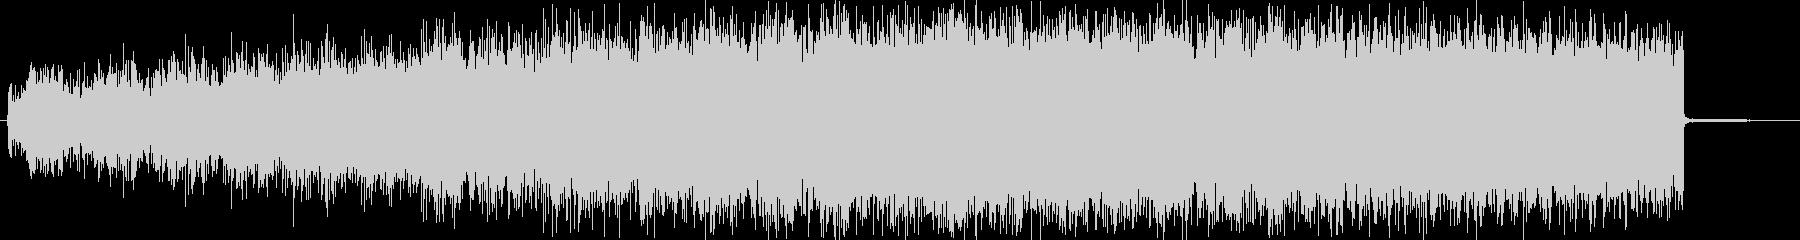 シュイーーン↑(チャージ音、溜め攻撃)の未再生の波形